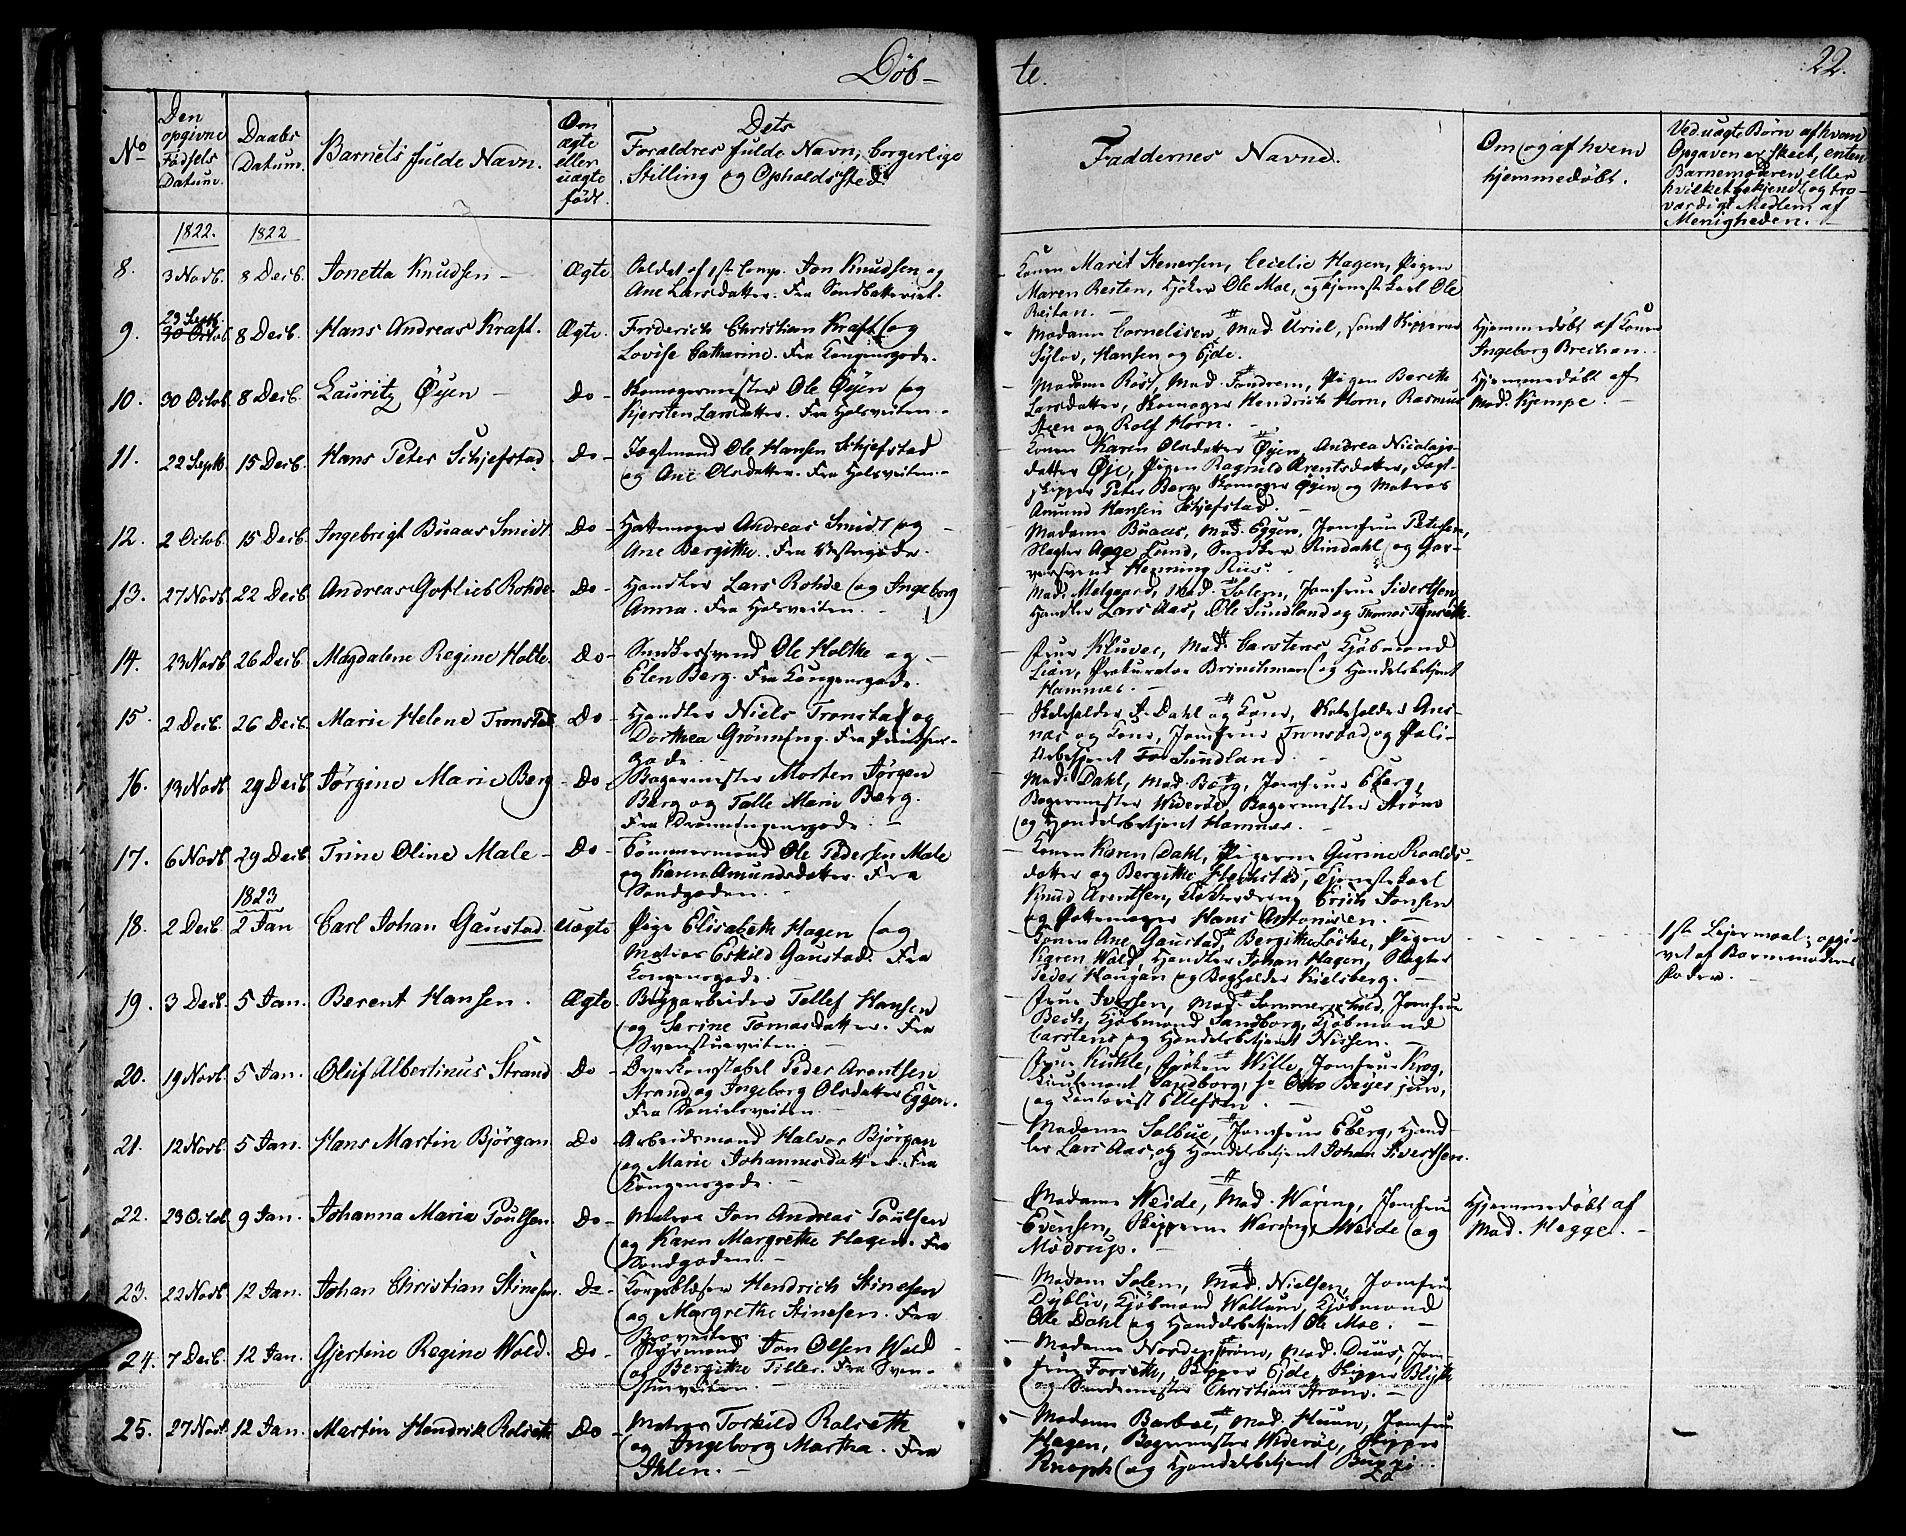 SAT, Ministerialprotokoller, klokkerbøker og fødselsregistre - Sør-Trøndelag, 601/L0045: Ministerialbok nr. 601A13, 1821-1831, s. 22